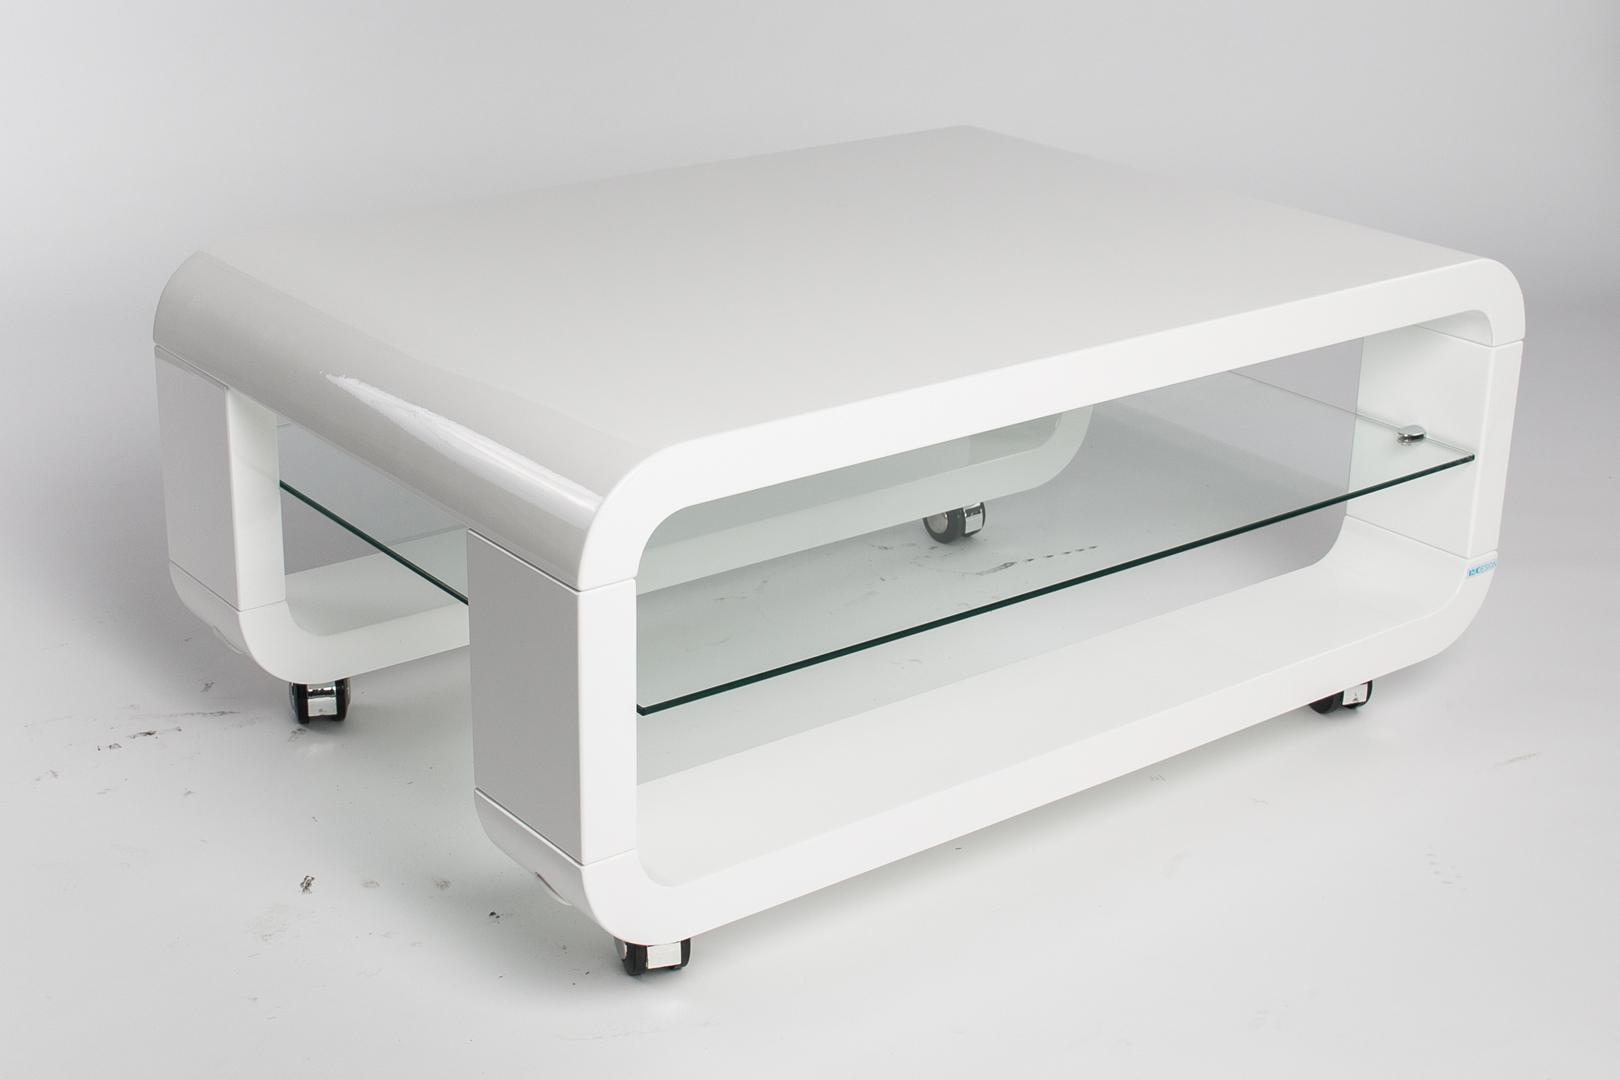 Table Basse Design Verre Et Bois Blanc Laque Juke